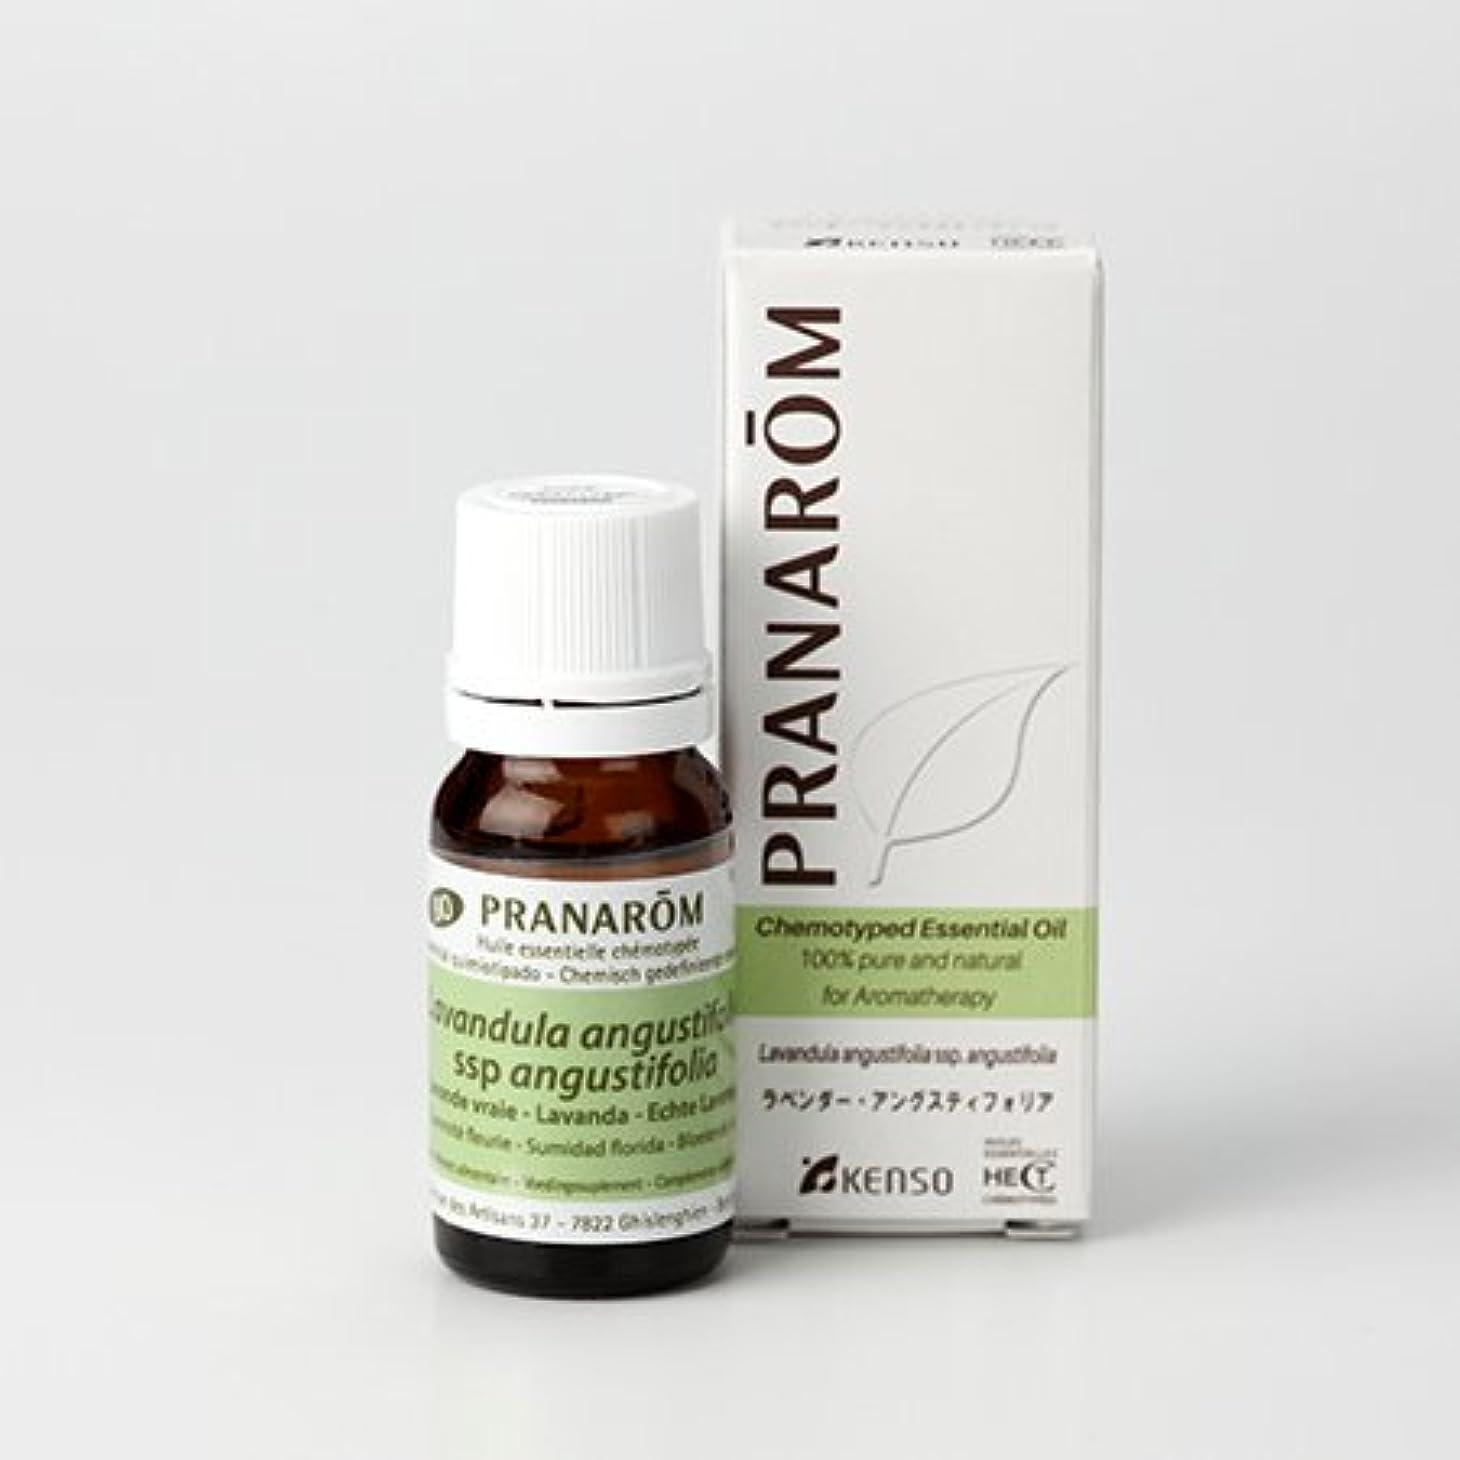 窓を洗う言語ストラトフォードオンエイボンプラナロム精油(P-098 ラベンダーアングスティフォリア?10ml)